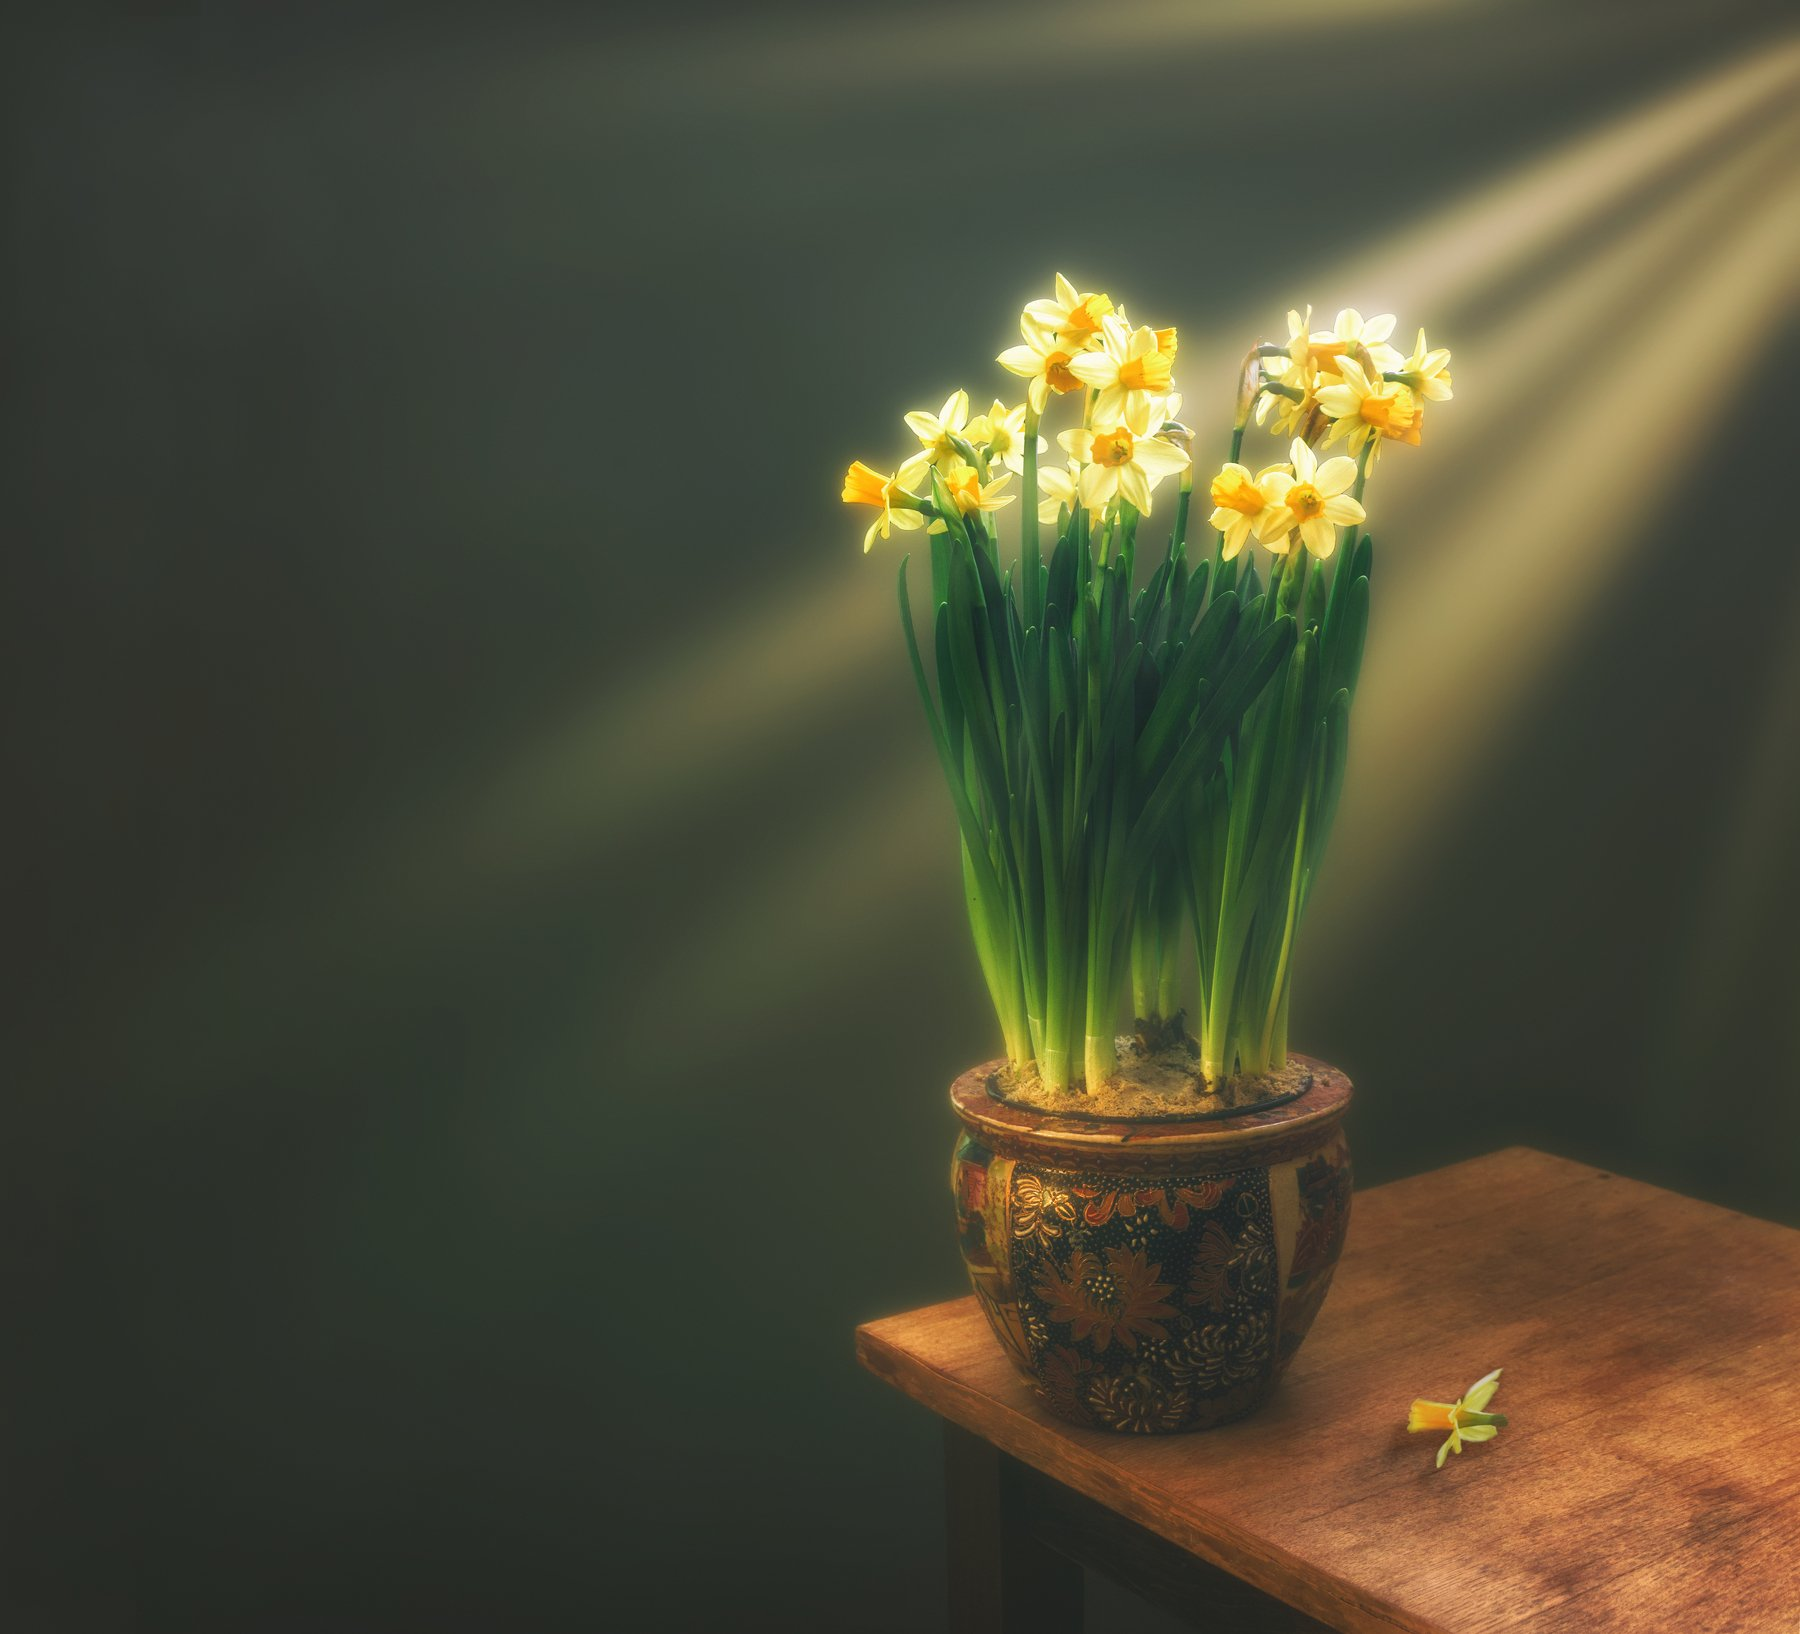 still life, натюрморт,    растение, природа,  винтаж, , цветы,  минимализм, нарциссы, солнечный свет, солнечные лучи, весна, букет, запах, аромат,, Михаил MSH